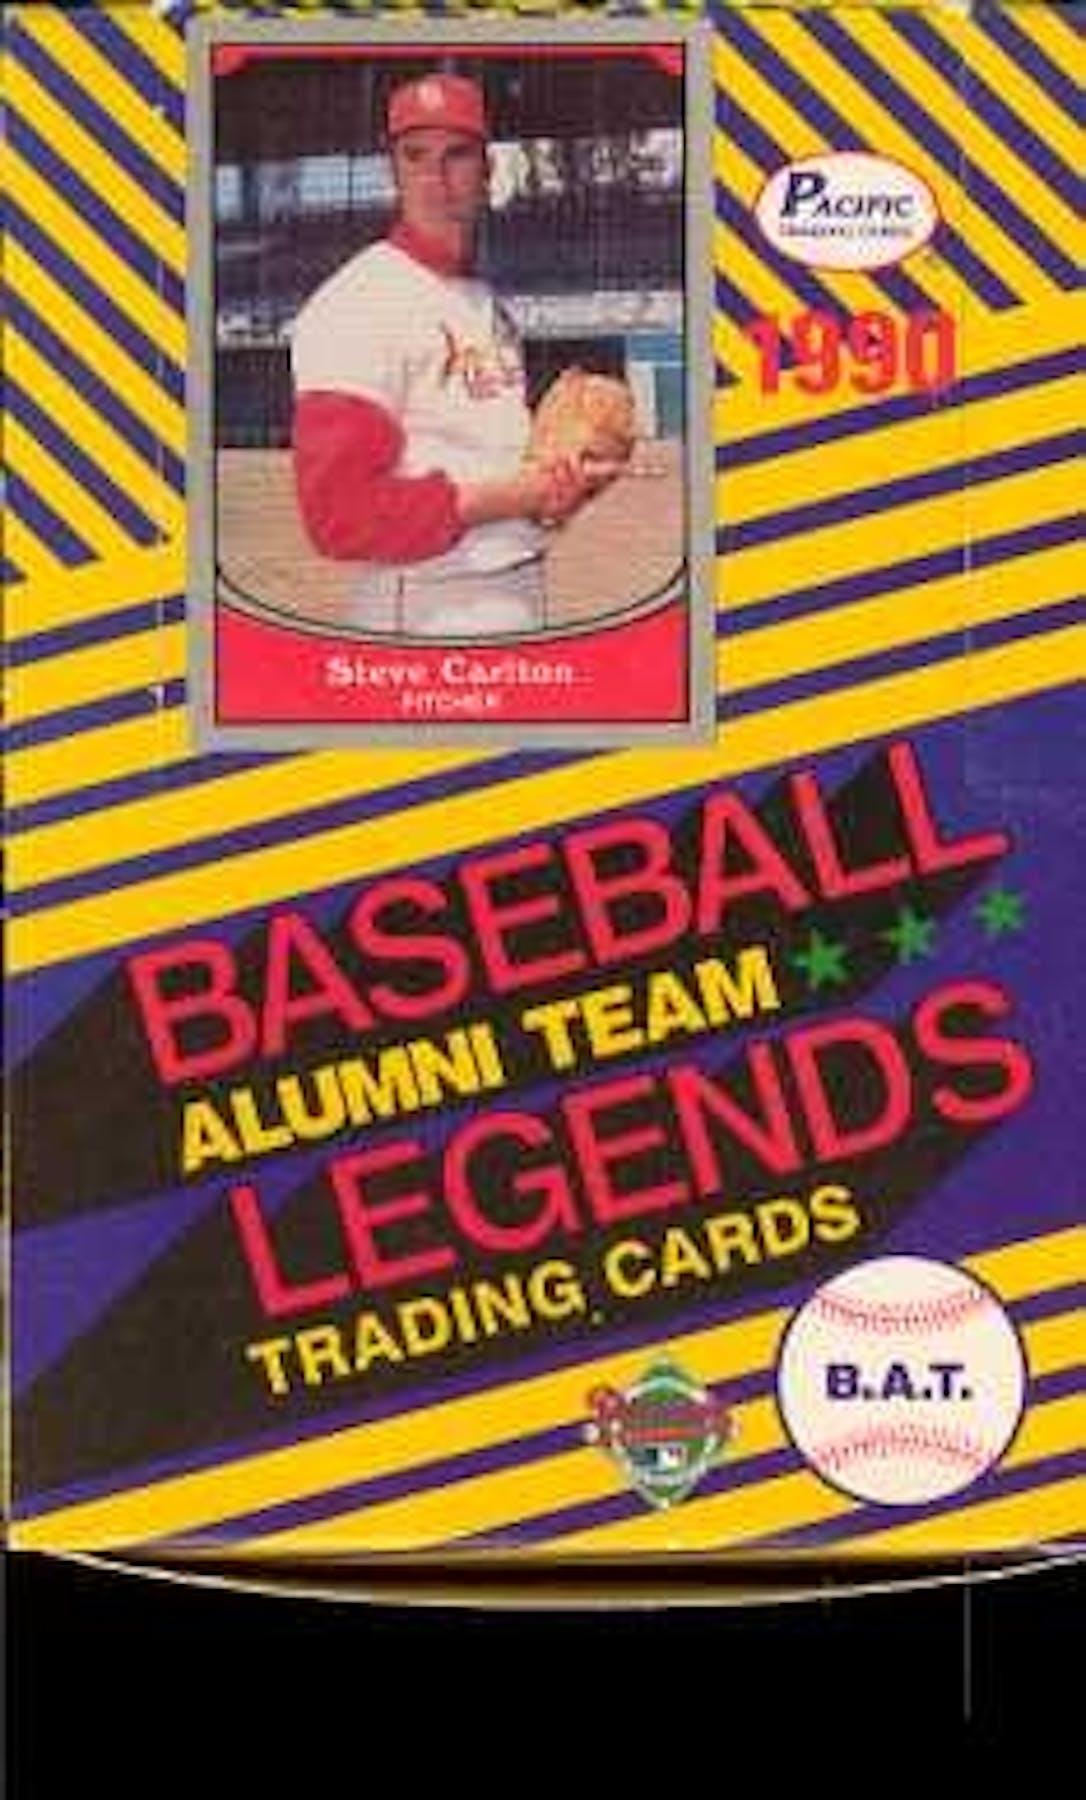 1990 Pacific Alumni Team Legends Baseball Wax Box Da Card World